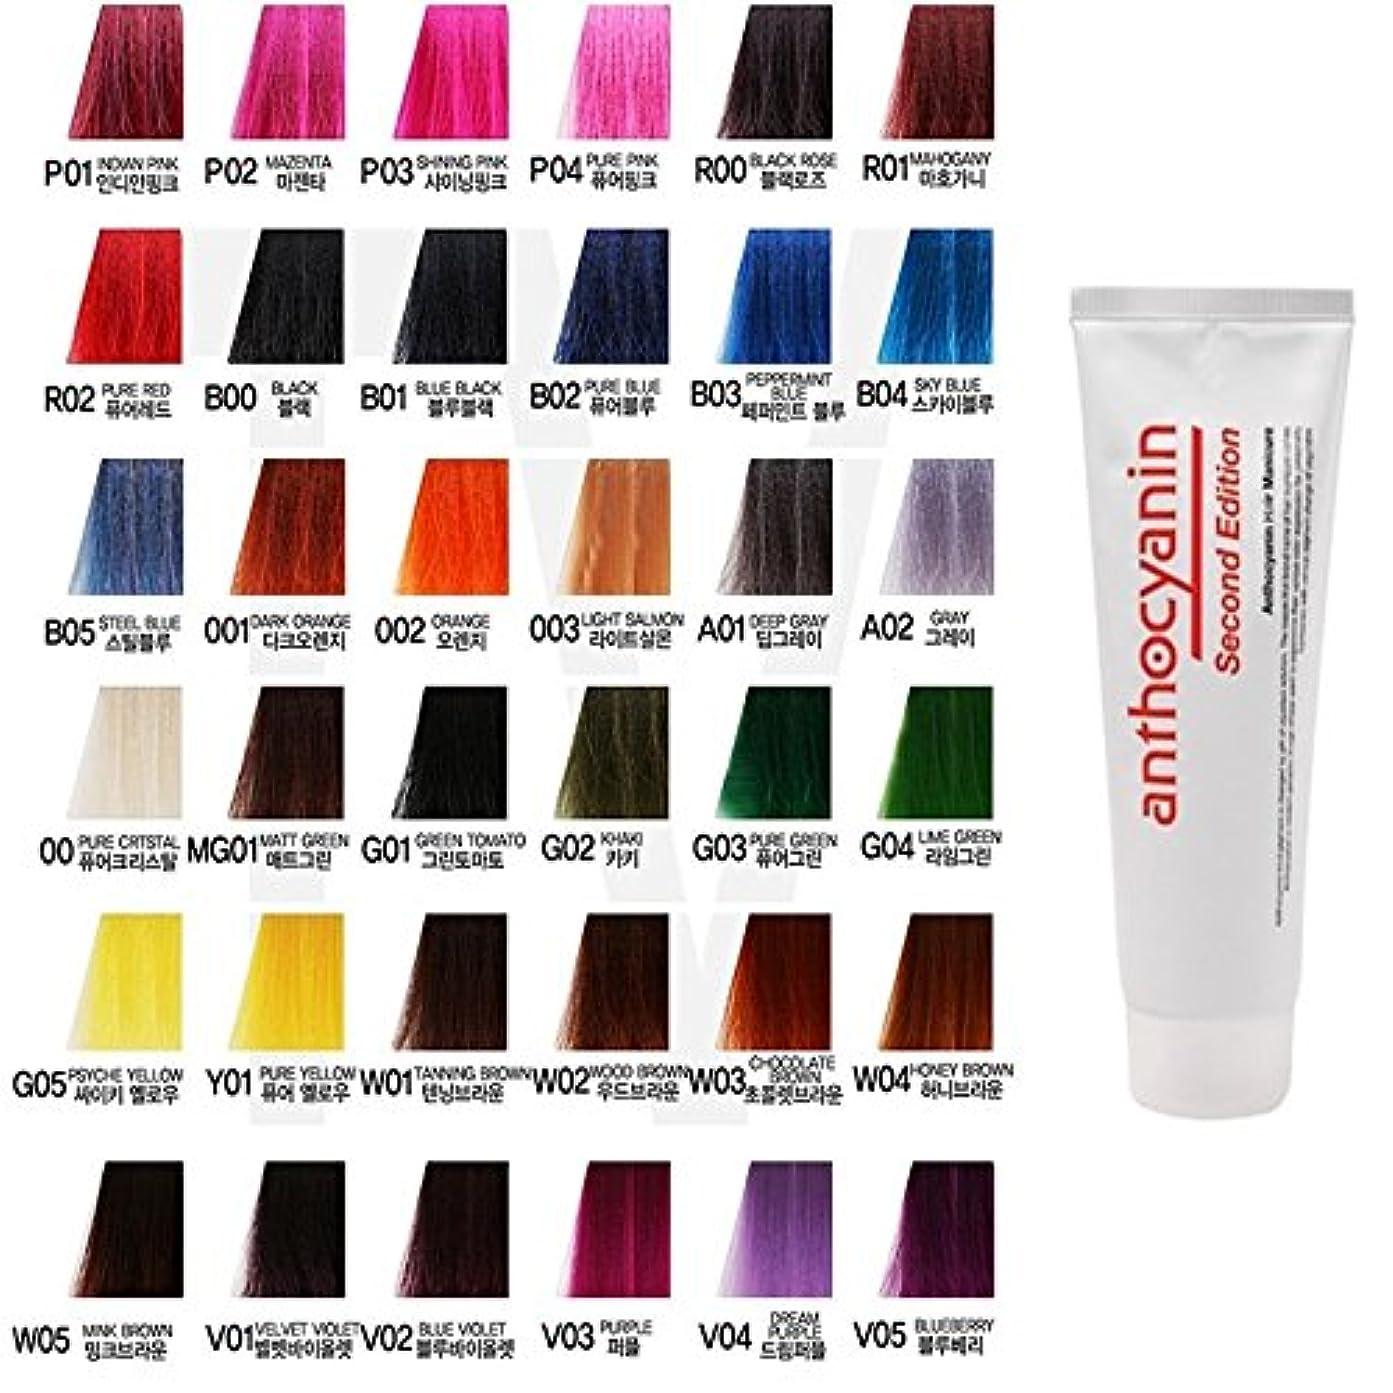 成熟健康パーフェルビッドヘア マニキュア カラー セカンド エディション 230g セミ パーマネント 染毛剤 ( Hair Manicure Color Second Edition 230g Semi Permanent Hair Dye) [並行輸入品] (O12 Coral Orange)